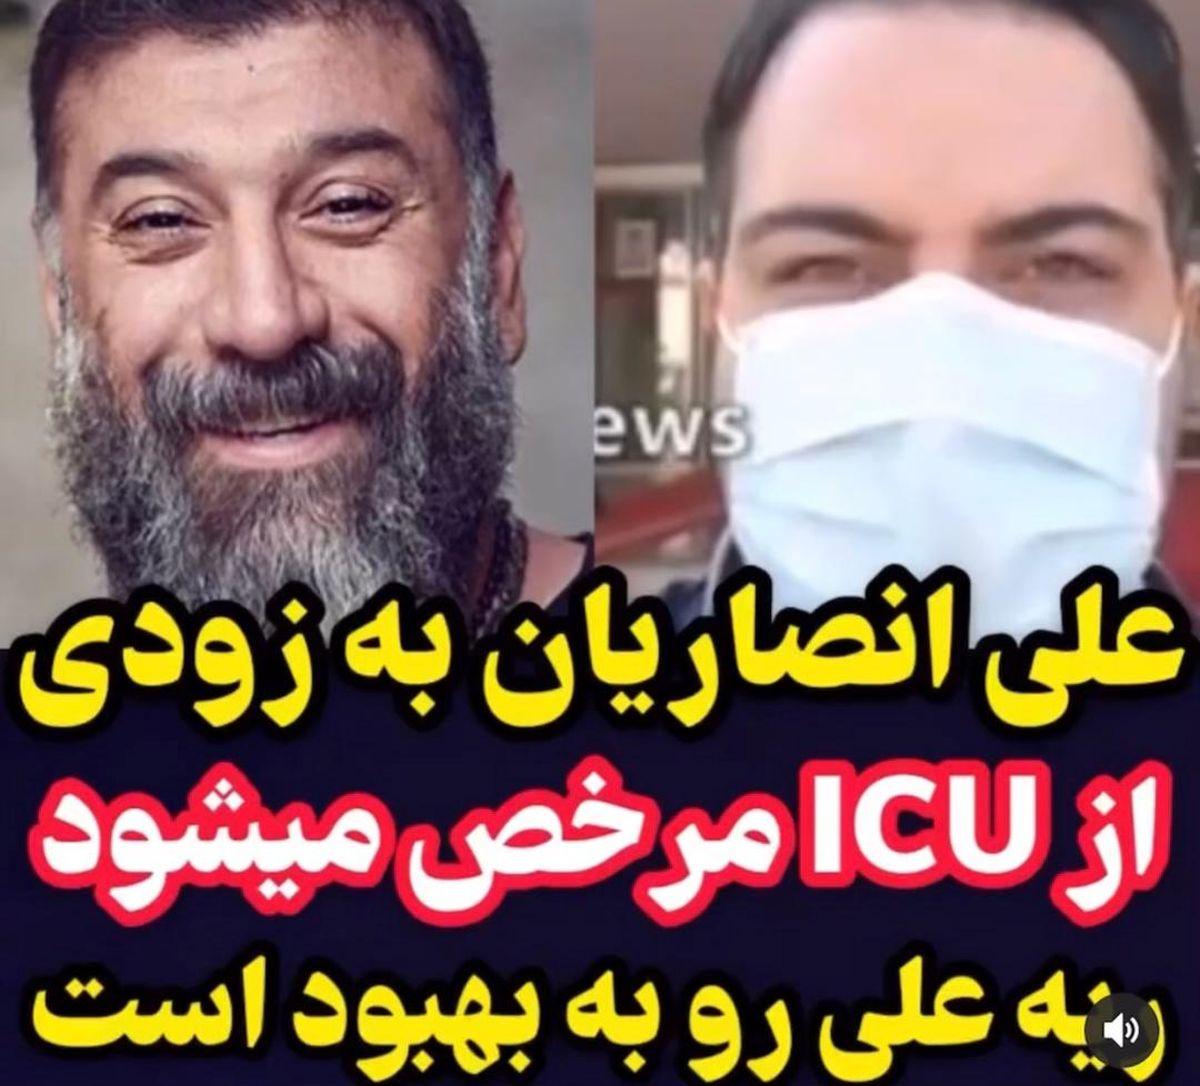 خبر خوش از وضعیت علی انصاریان + فیلم